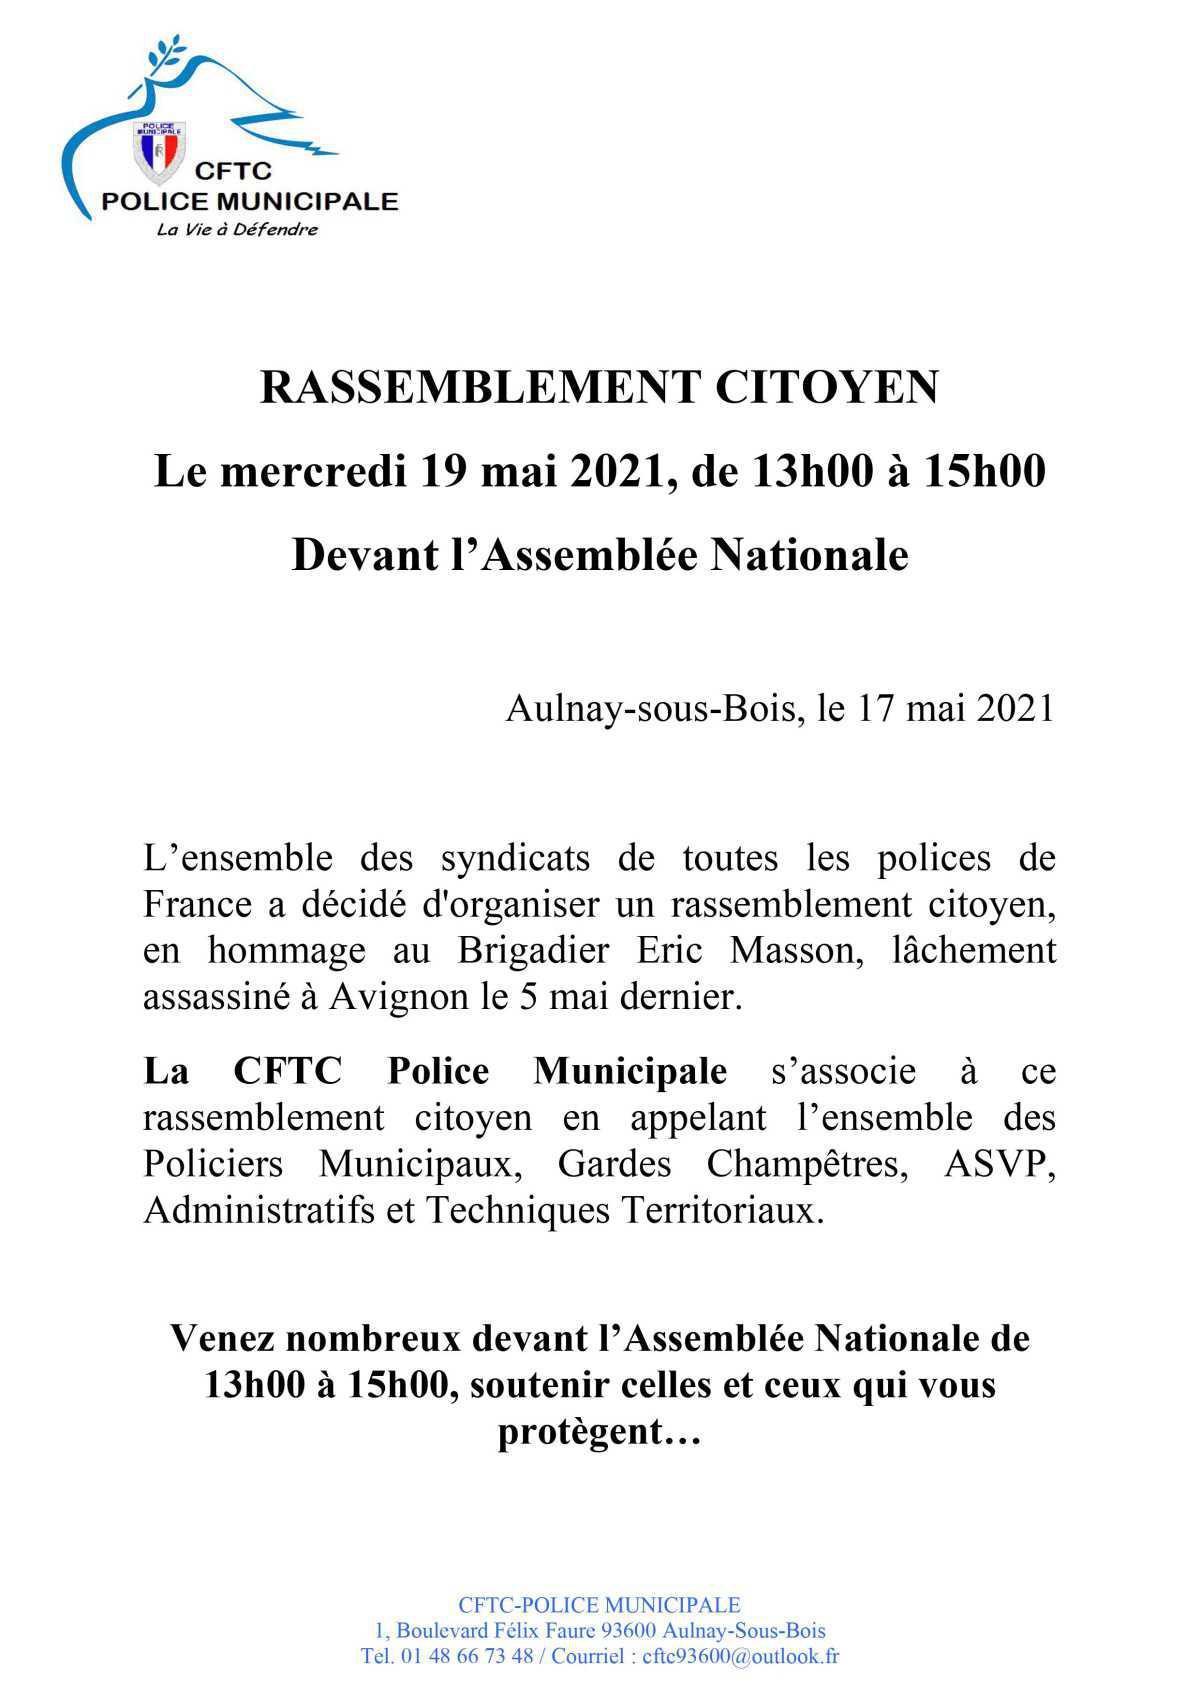 RASSEMBLEMENT CITOYEN Le mercredi 19 mai 2021, de 13h00 à 15h00 Devant l'Assemblée Nationale